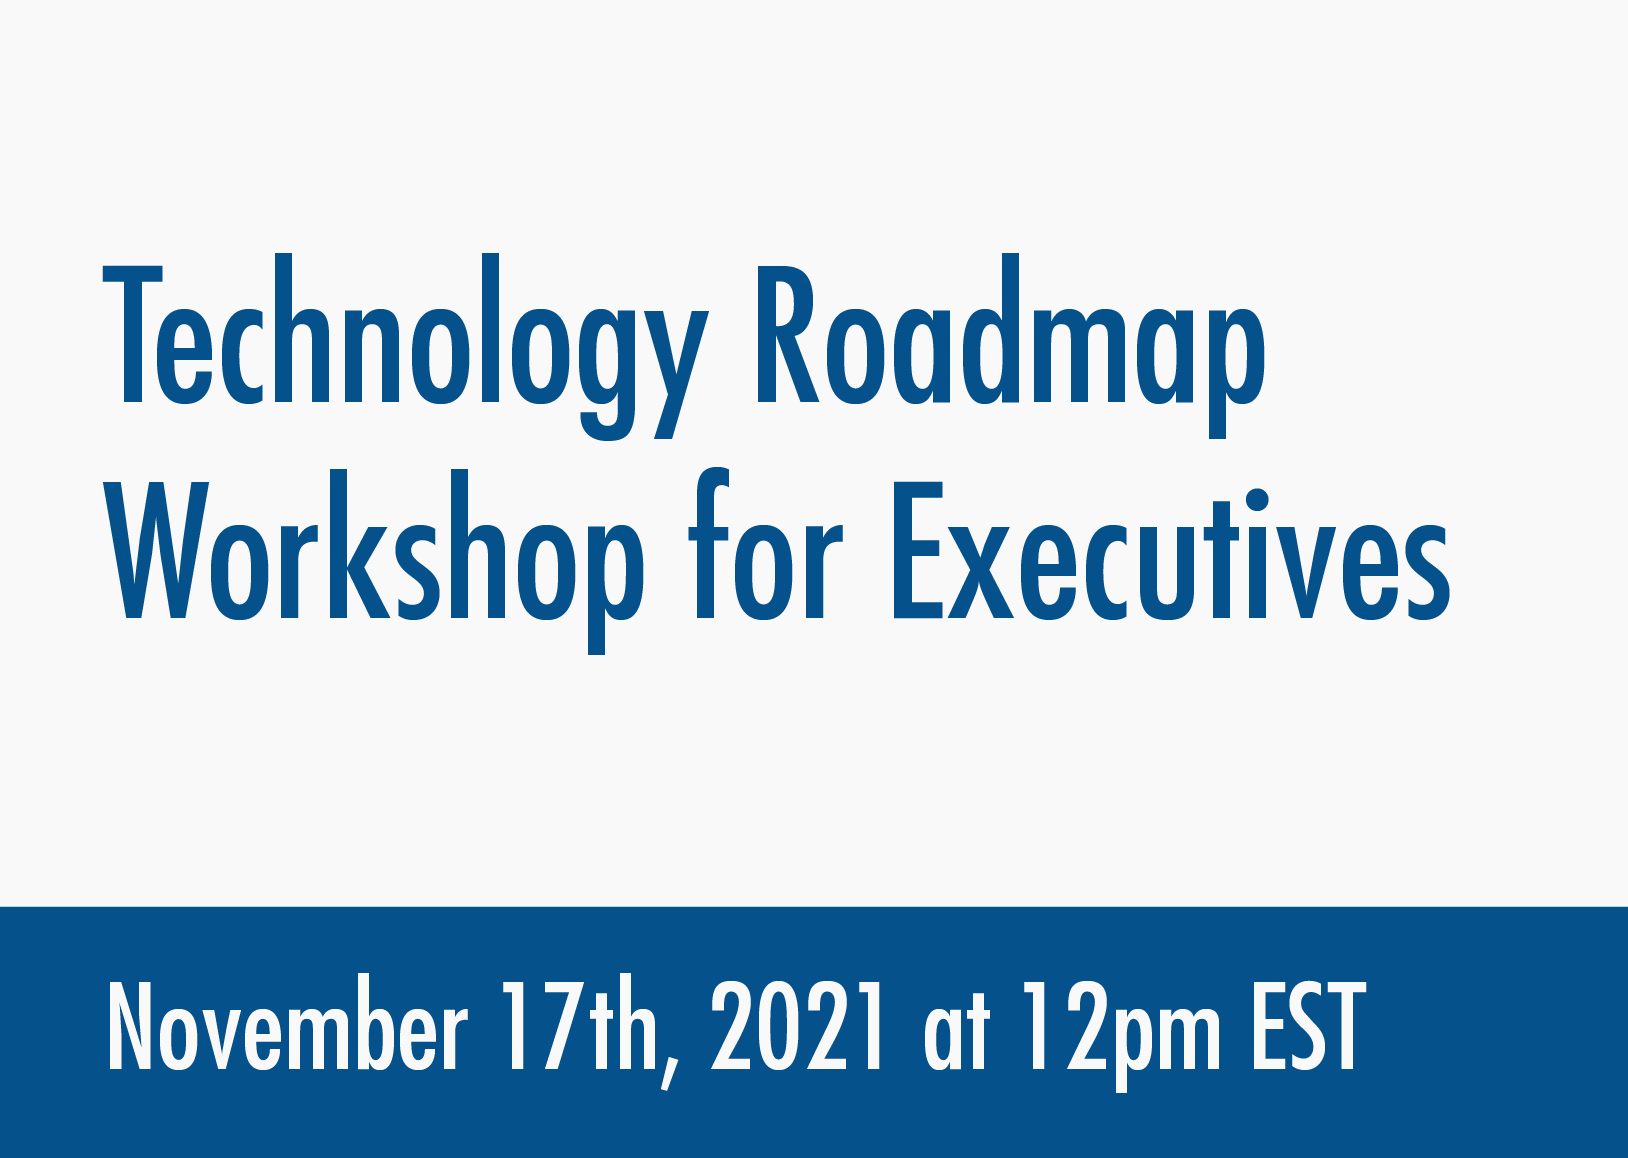 technology-roadmap-workshop-executives